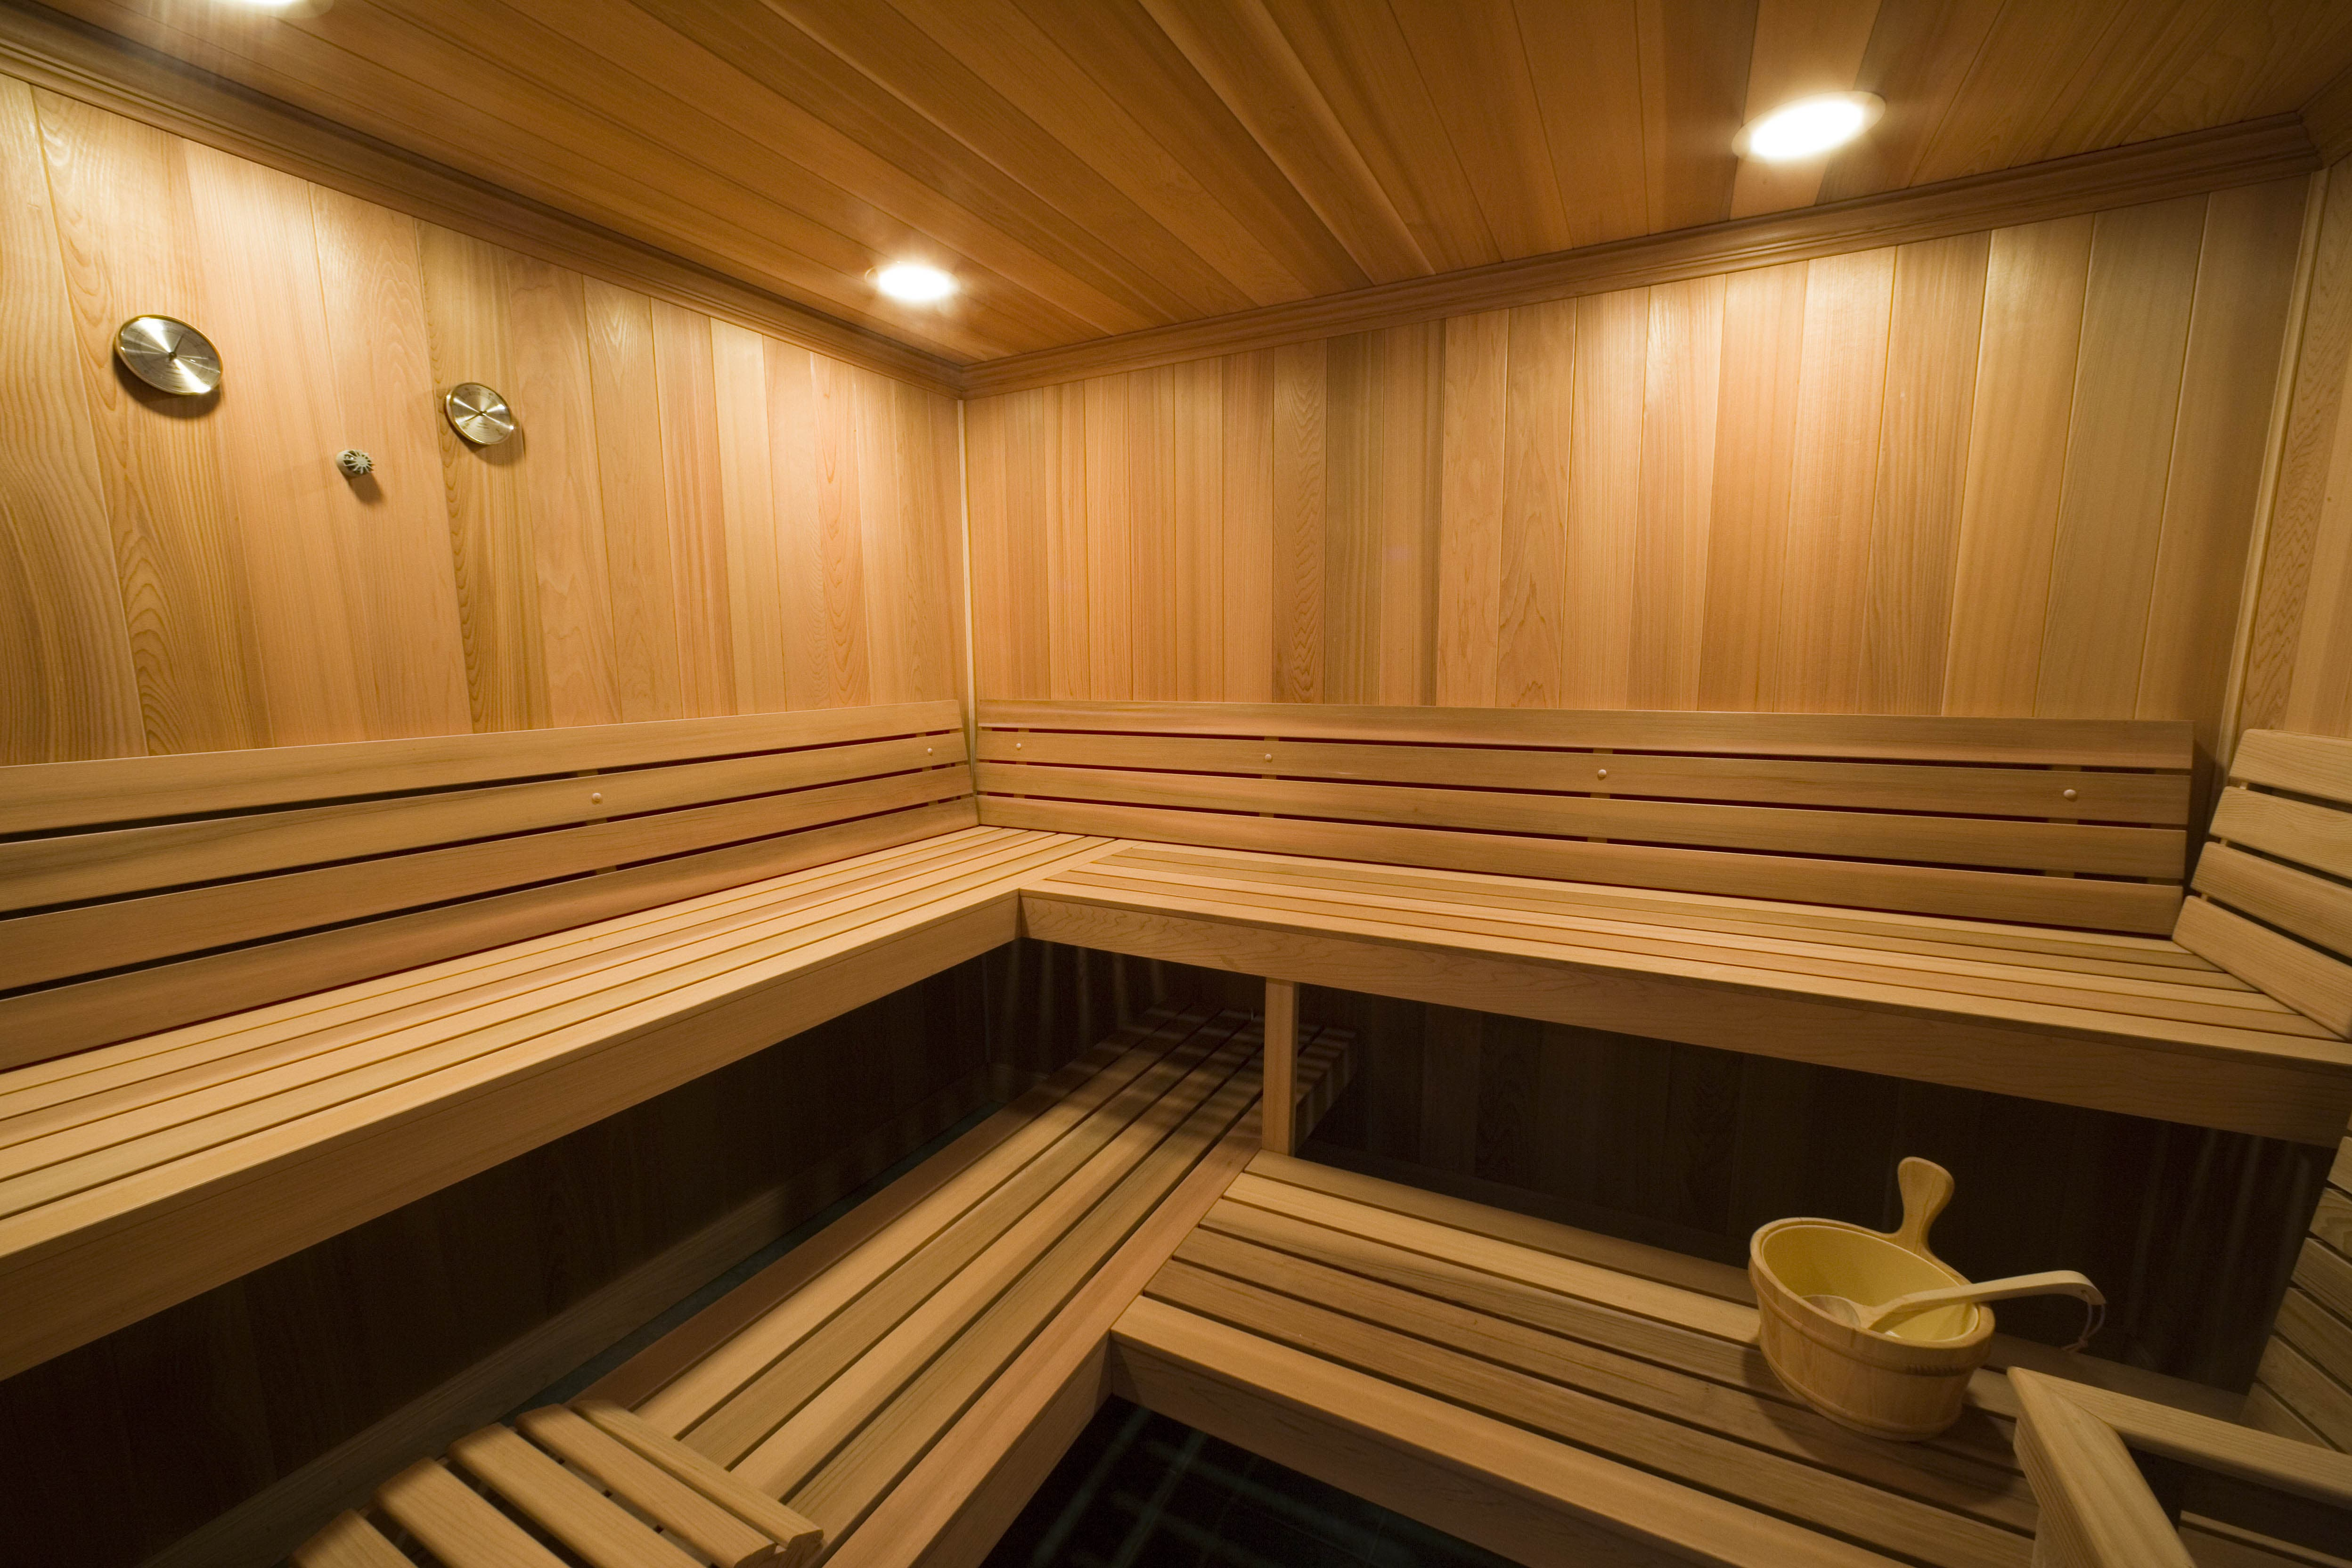 Beneficios de la sauna entrenamiento for Home sauna